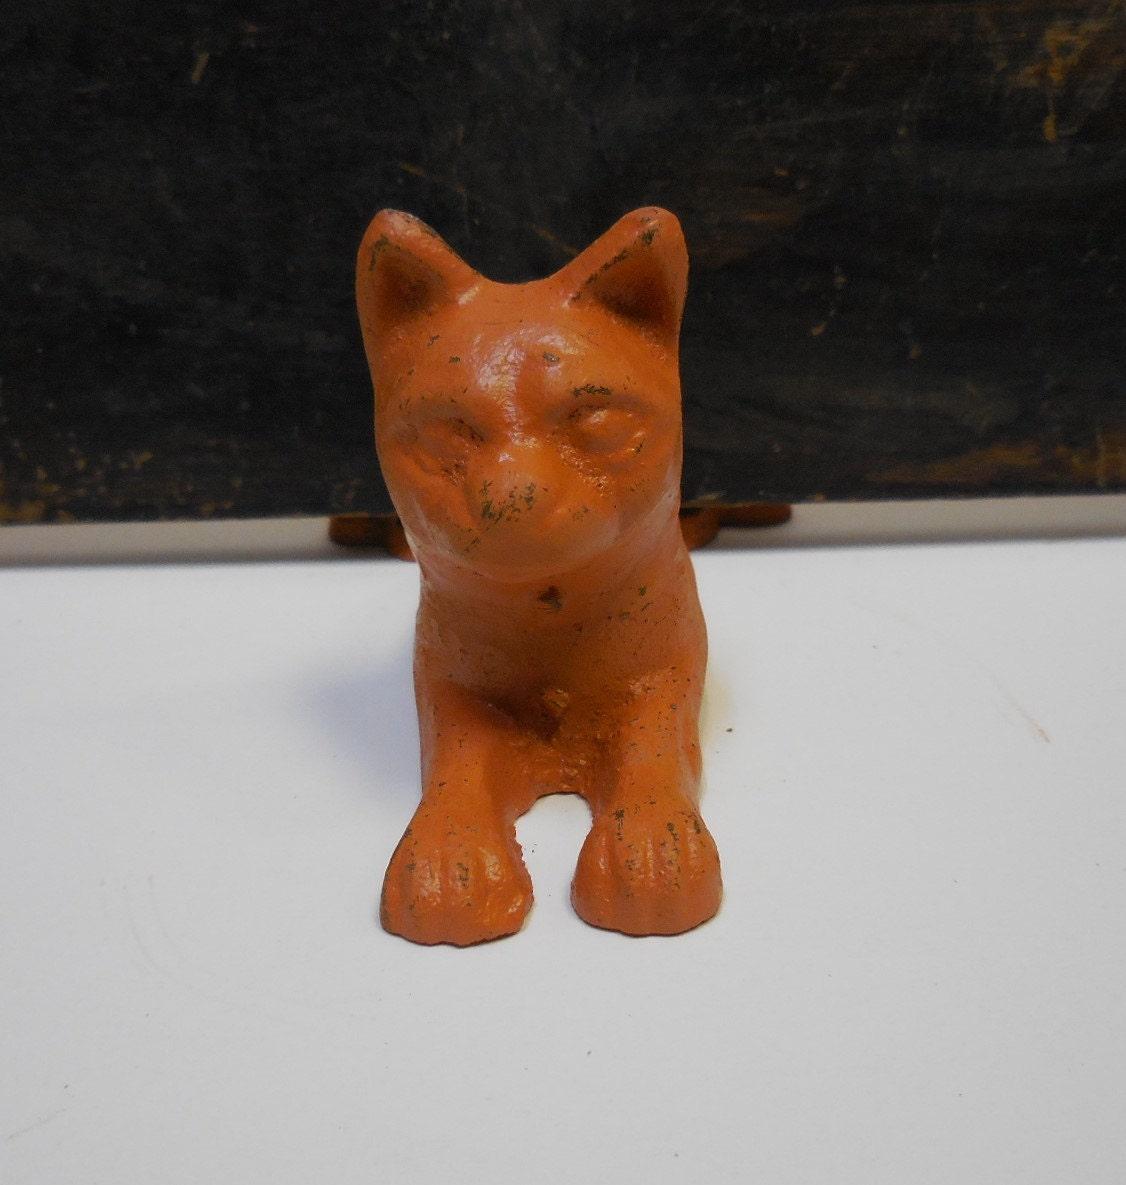 Cast iron cat doorstop door wedge orange tabby feline stopper - Cast iron cat doorstop ...